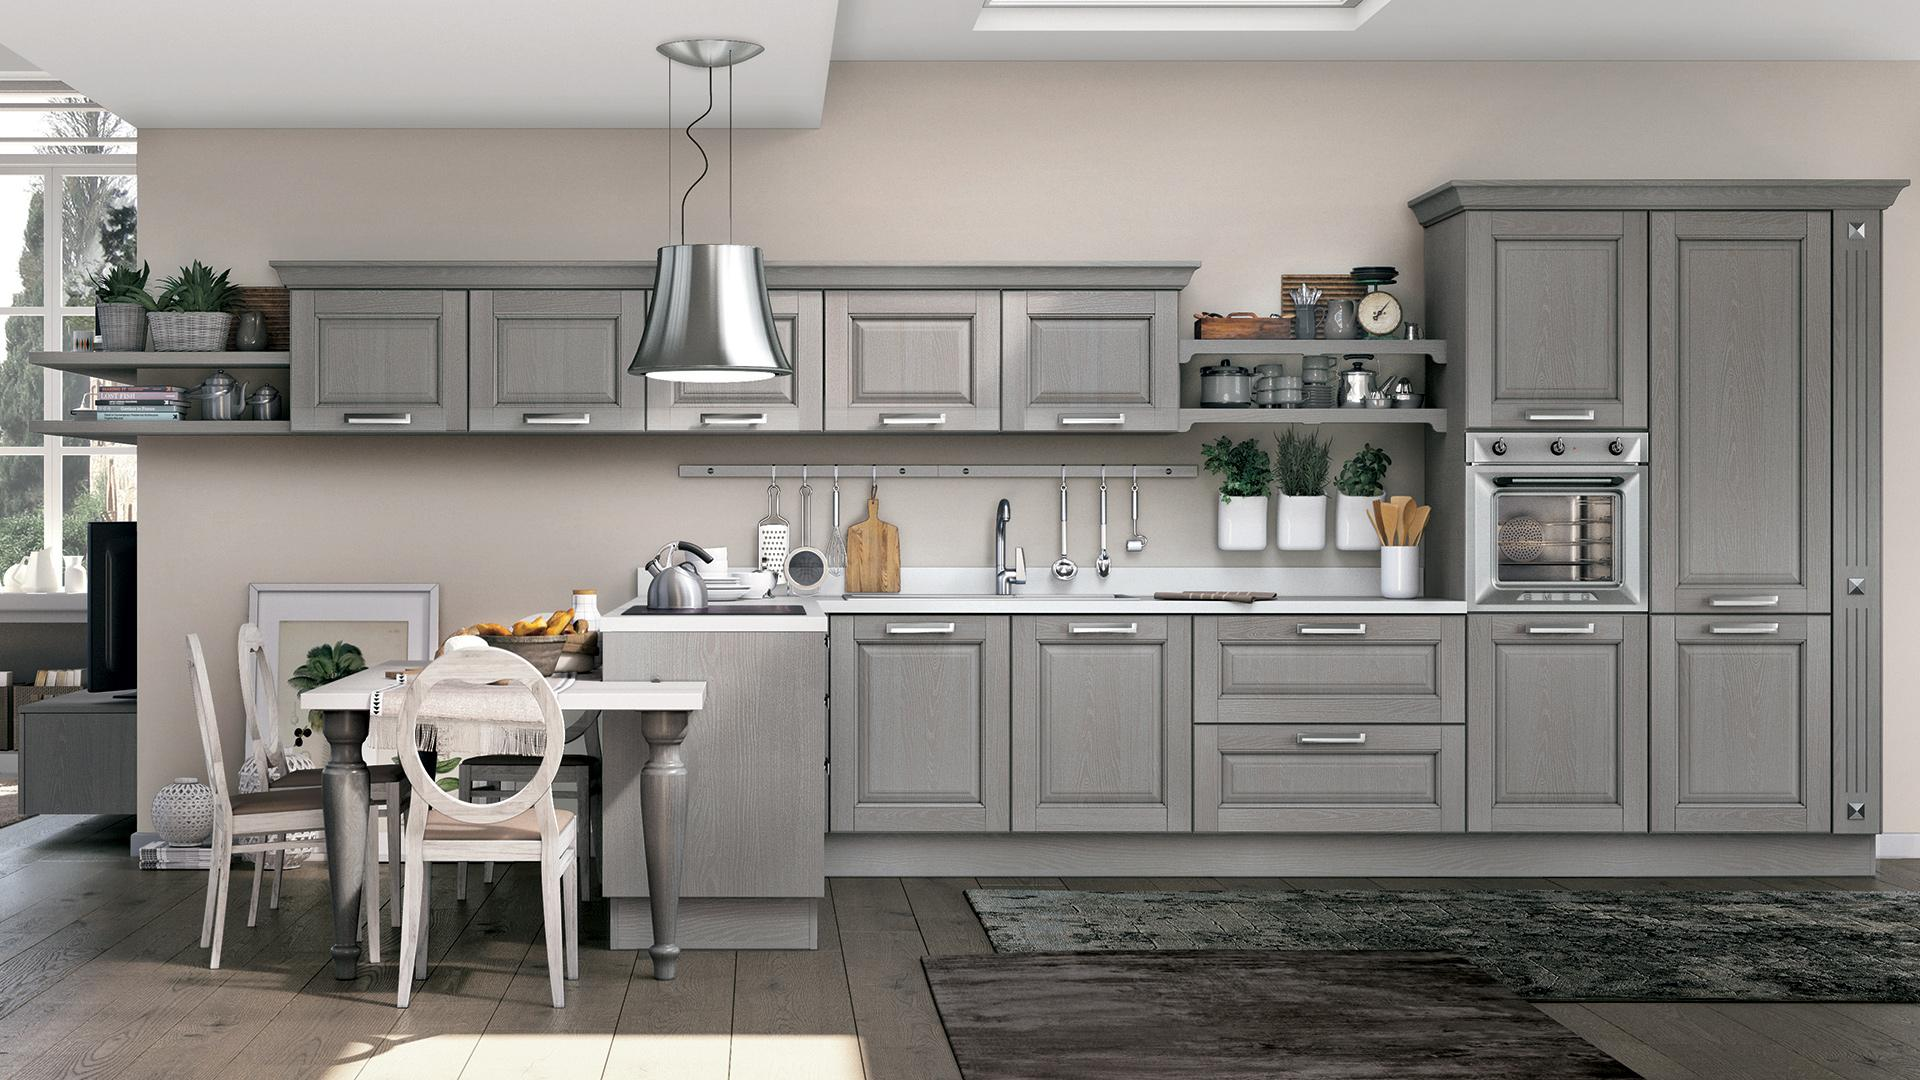 Cucine Moderne Bianche Lube : Cucine lube arredo spazio casa